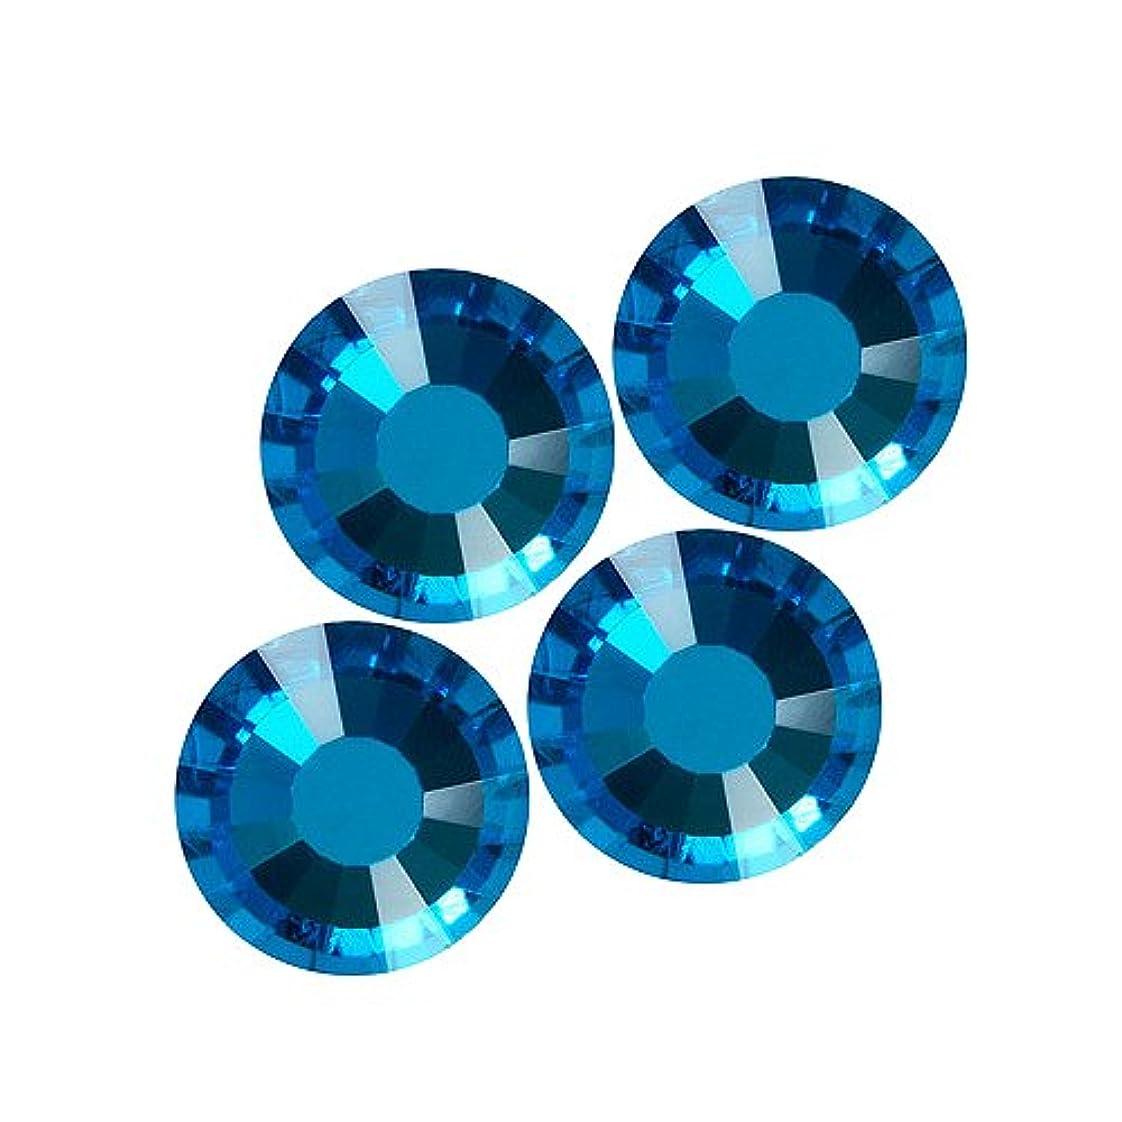 処理摂氏度職業バイナル DIAMOND RHINESTONE ブルージルコン SS8 720粒 ST-SS8-BUZ-5G